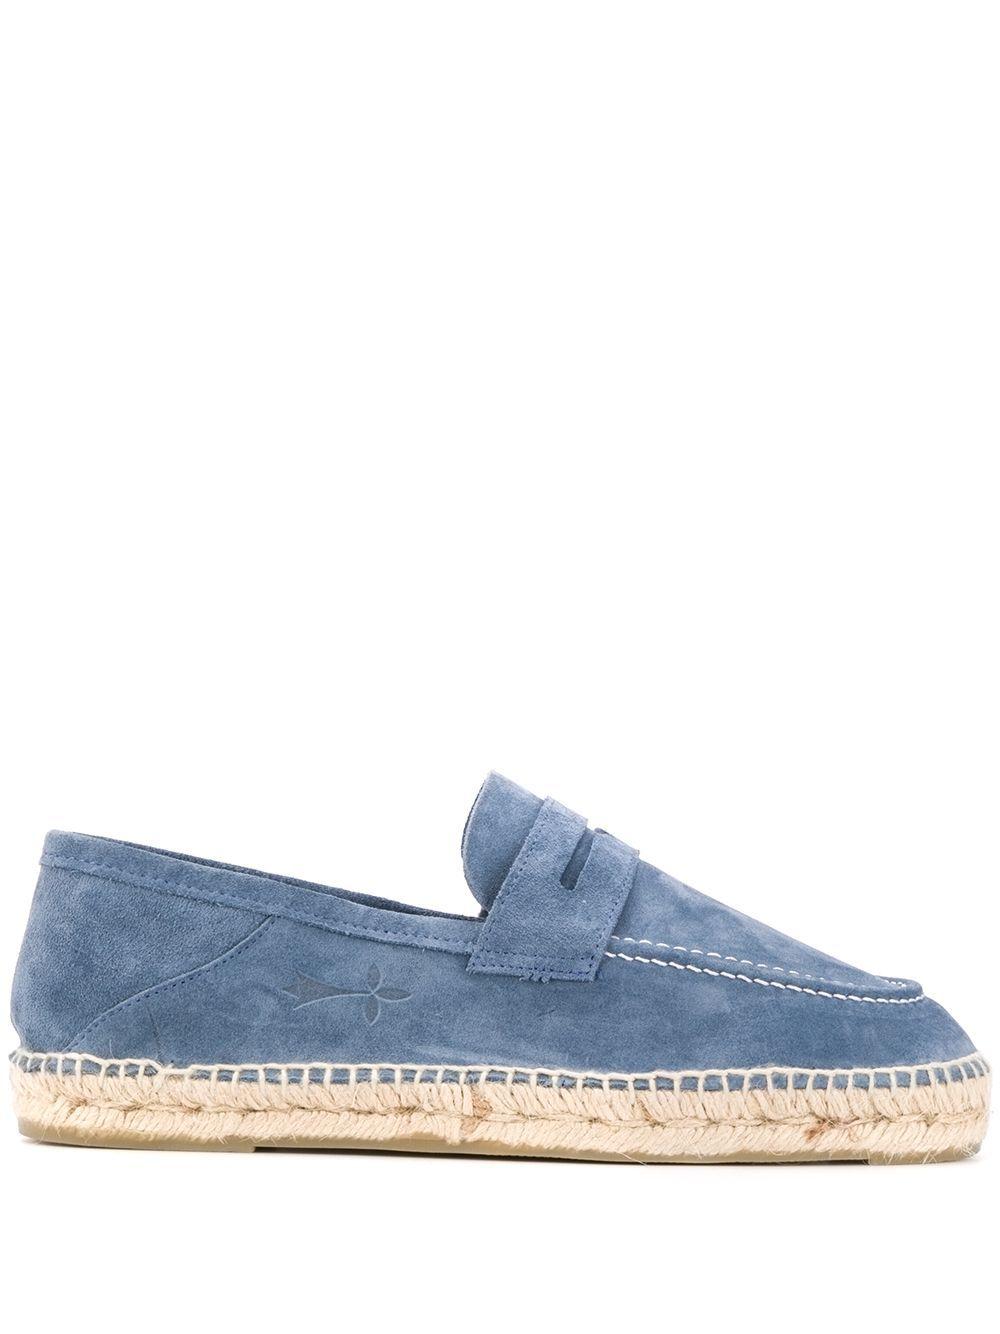 Manebi scarpe basse blu